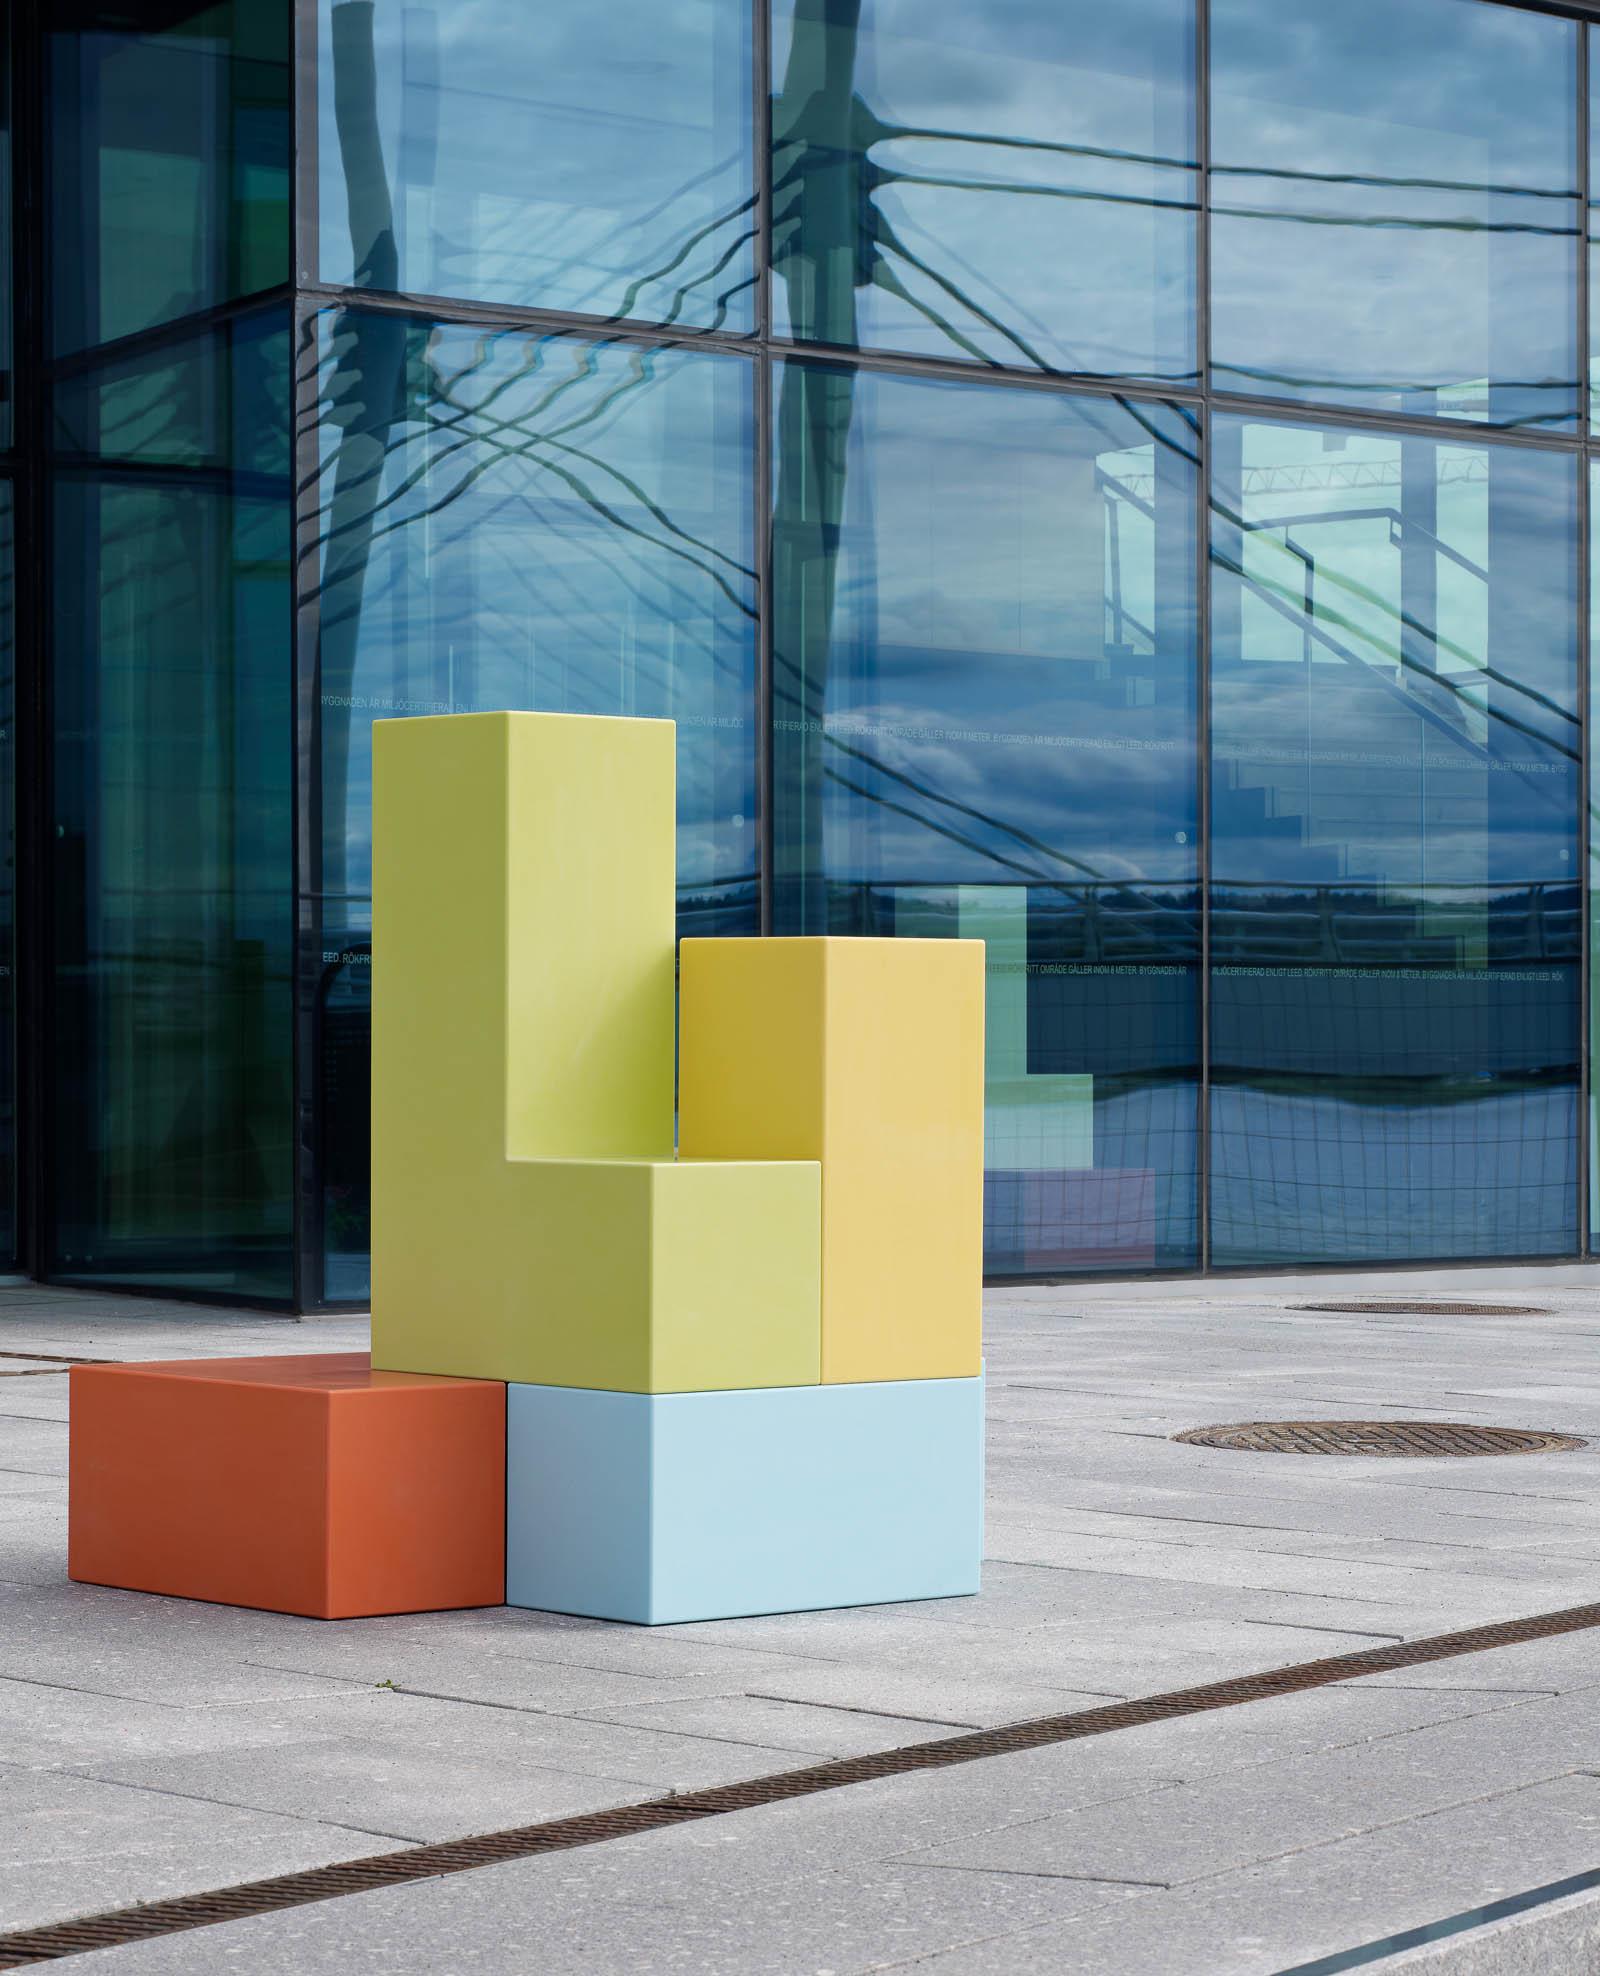 Skulptur utomhus. Ett blått och ett orange block i basen och ett gult och ett grönt block placerade ovanpå. Jacob Dahlgren, Tetris, 2012.